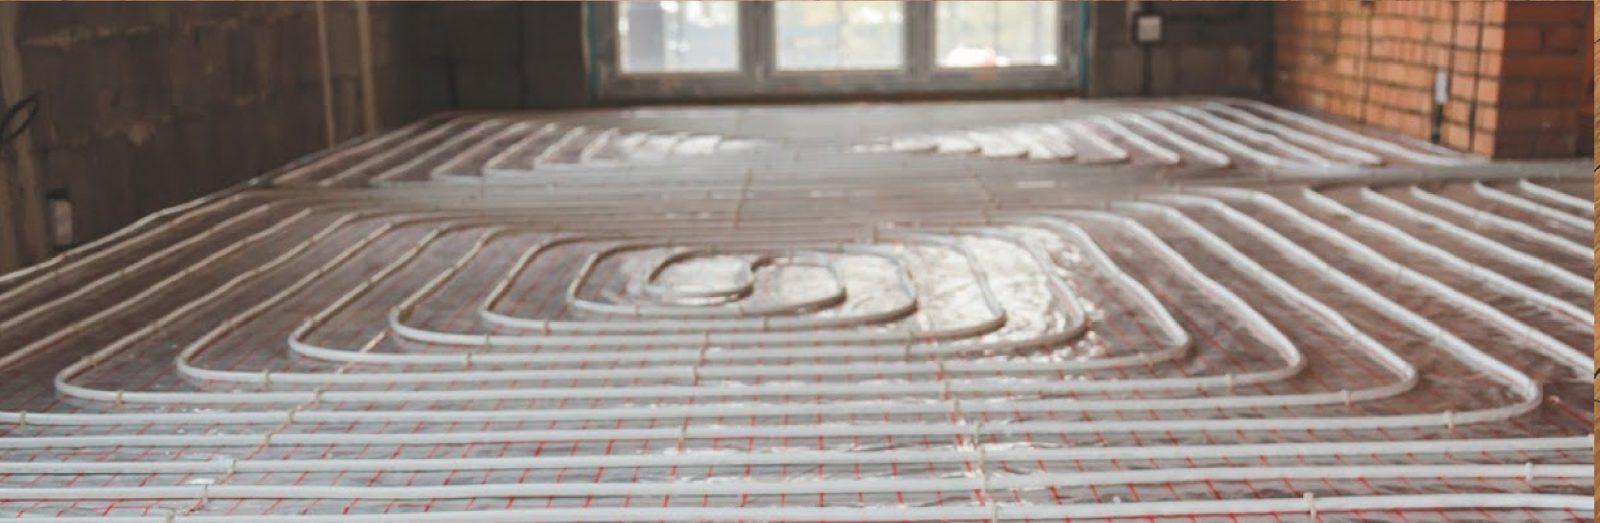 Vloerverwarming installeren of vervangen